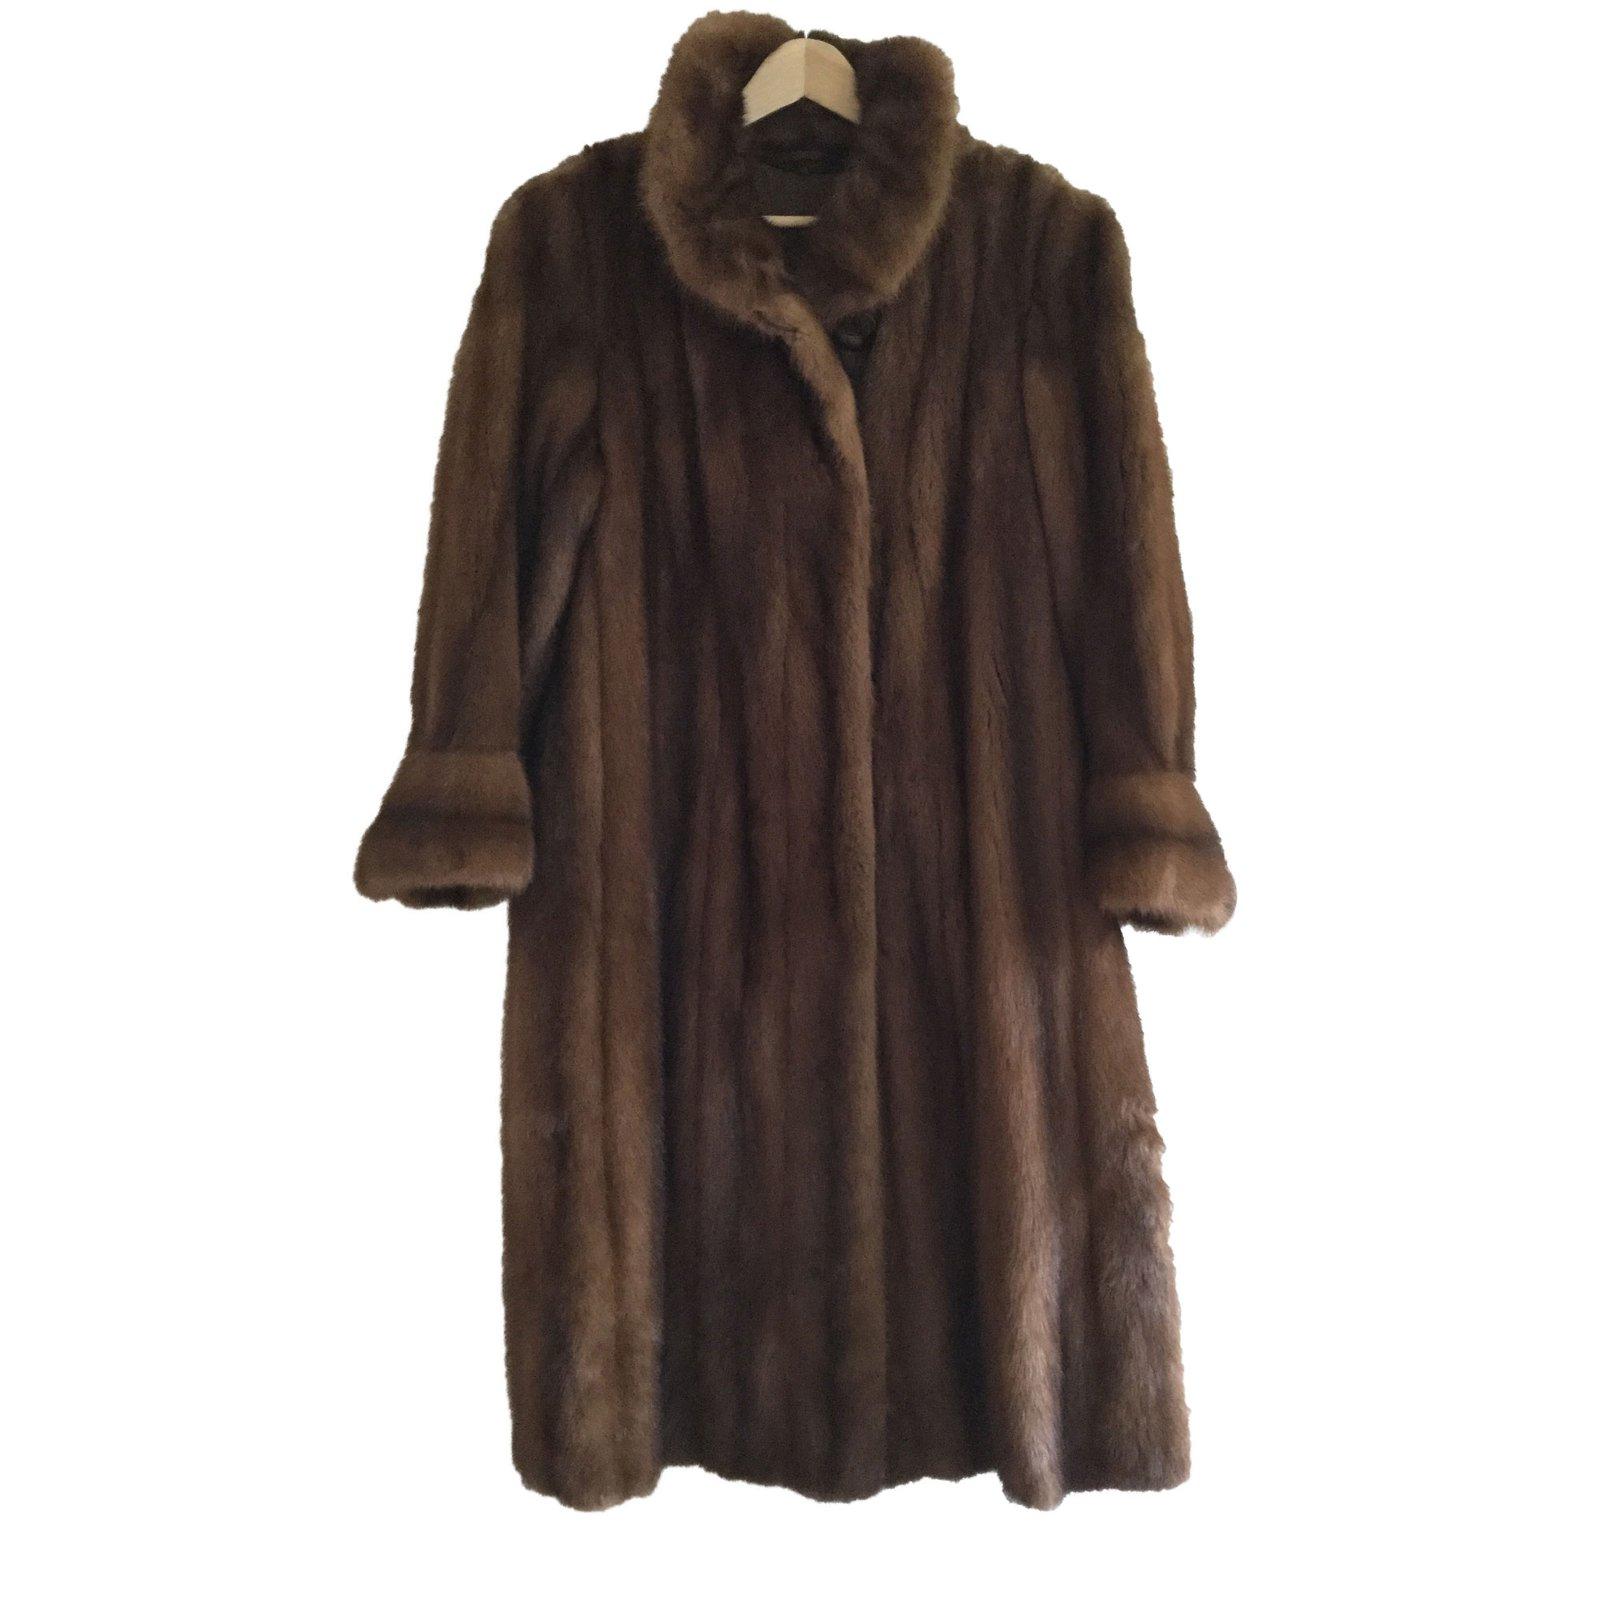 manteaux autre marque manteau vison fourrure marron clair. Black Bedroom Furniture Sets. Home Design Ideas